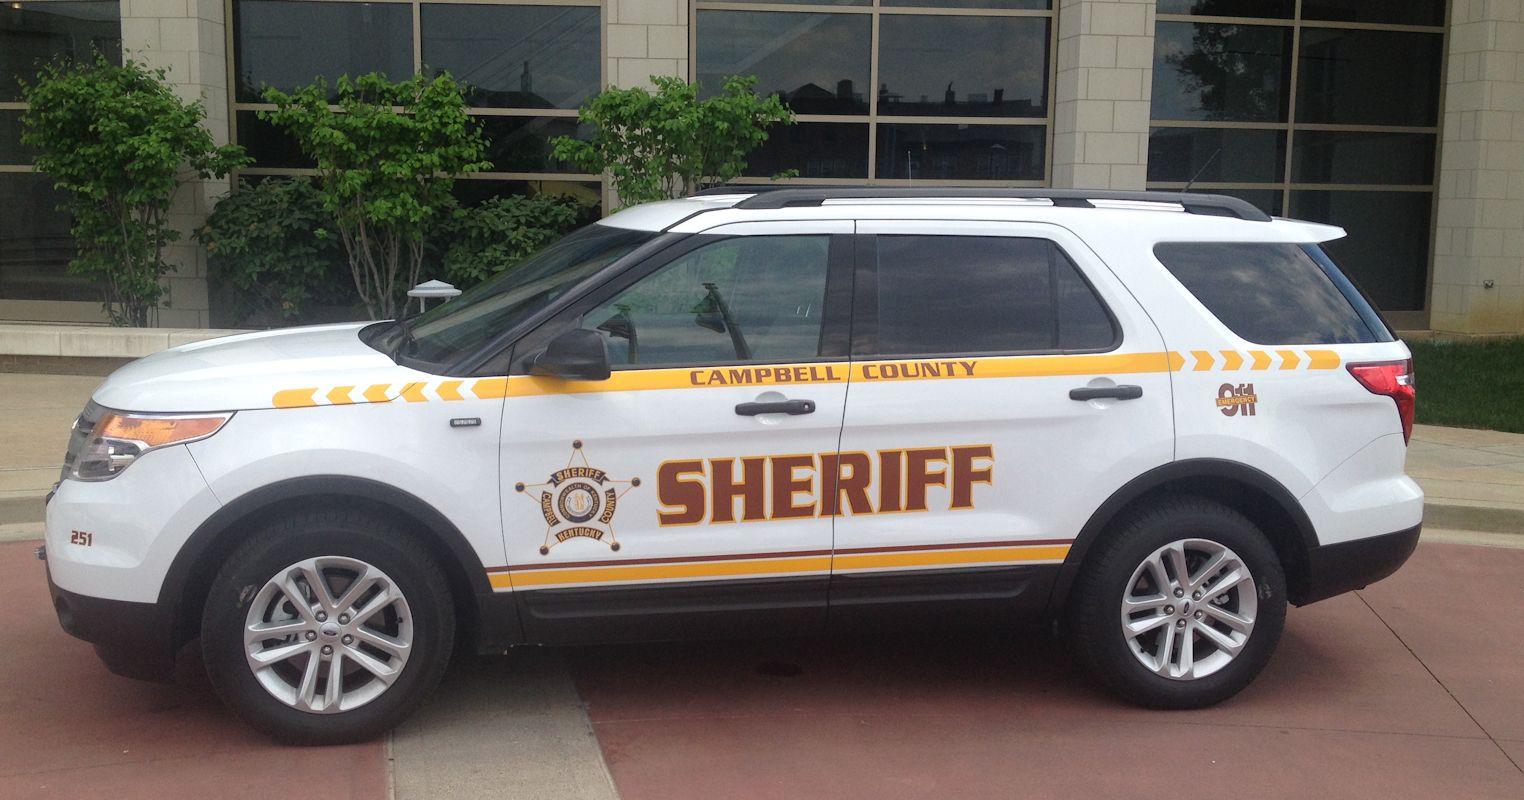 New Sheriff's Cruiser